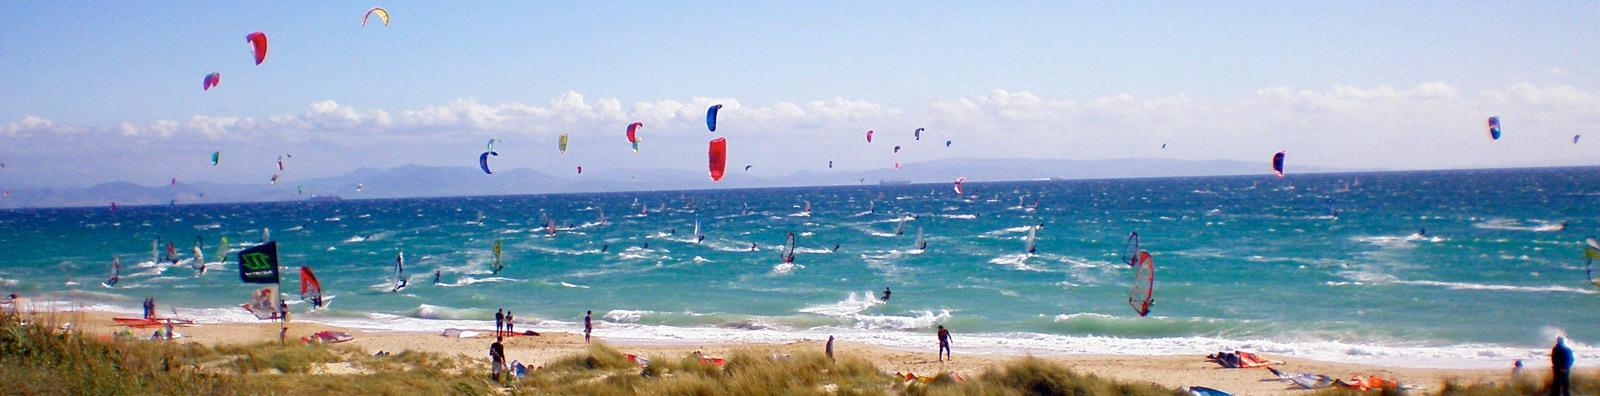 Kitesurf en Valdevaqueros